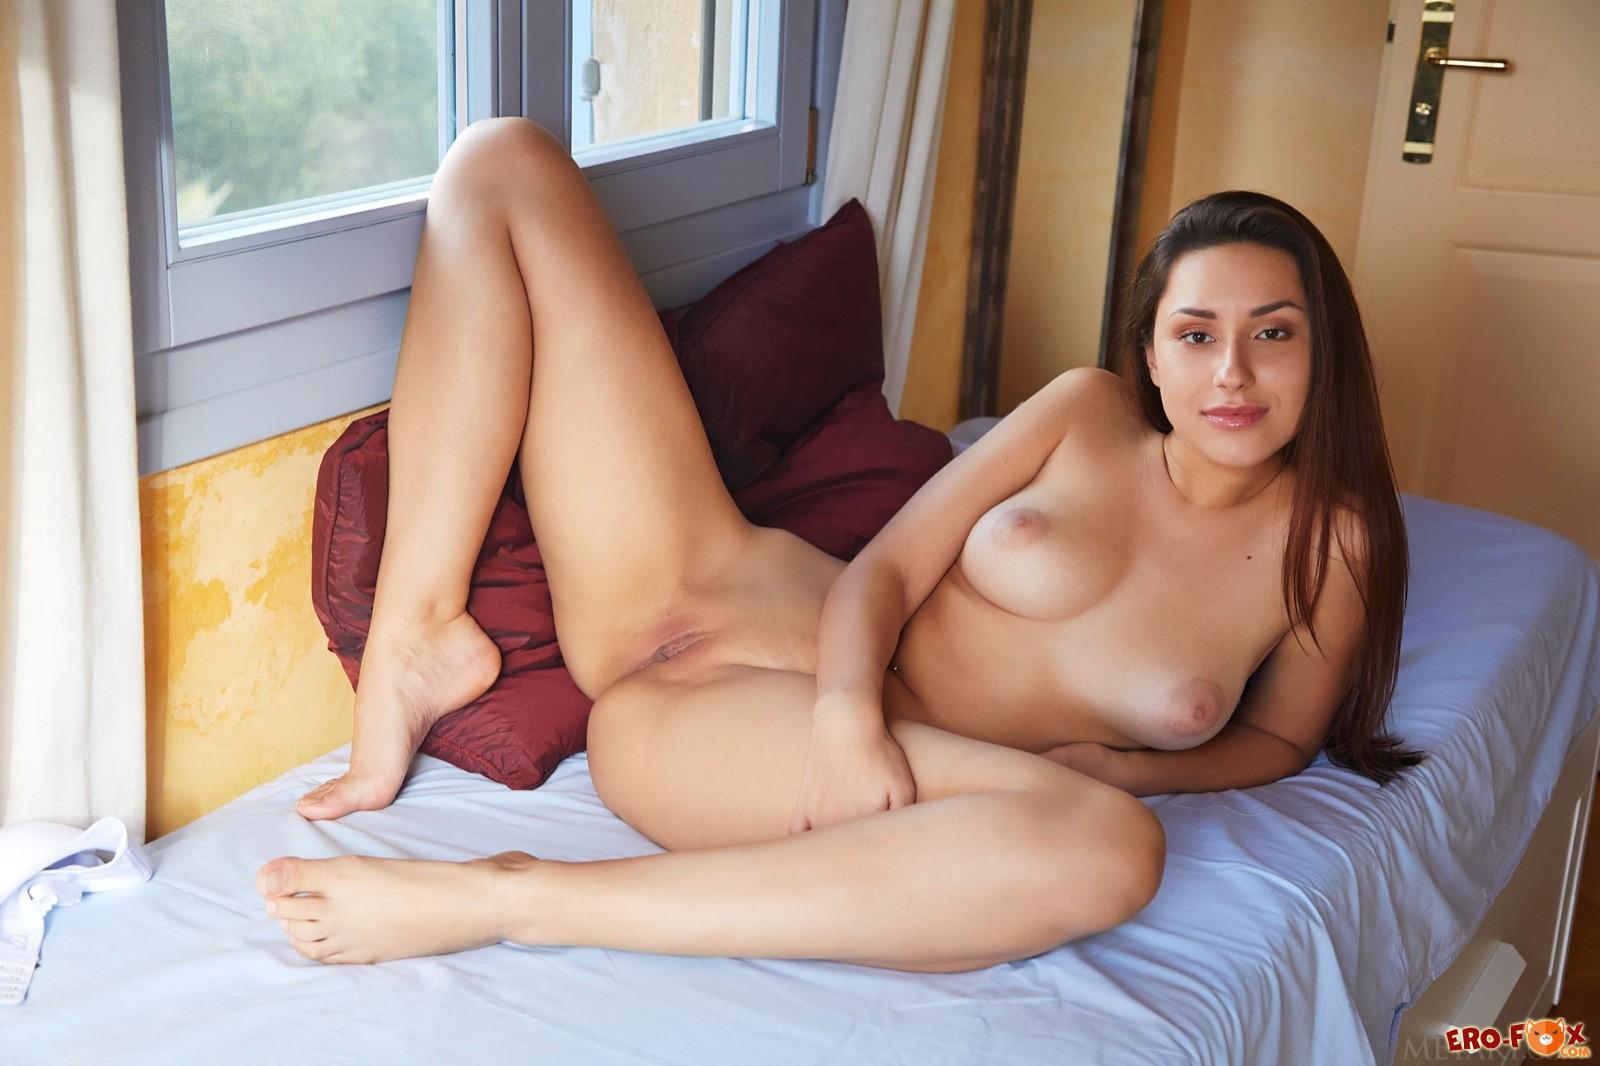 Обаятельная девица оголила сексуальное тело у окна - фото